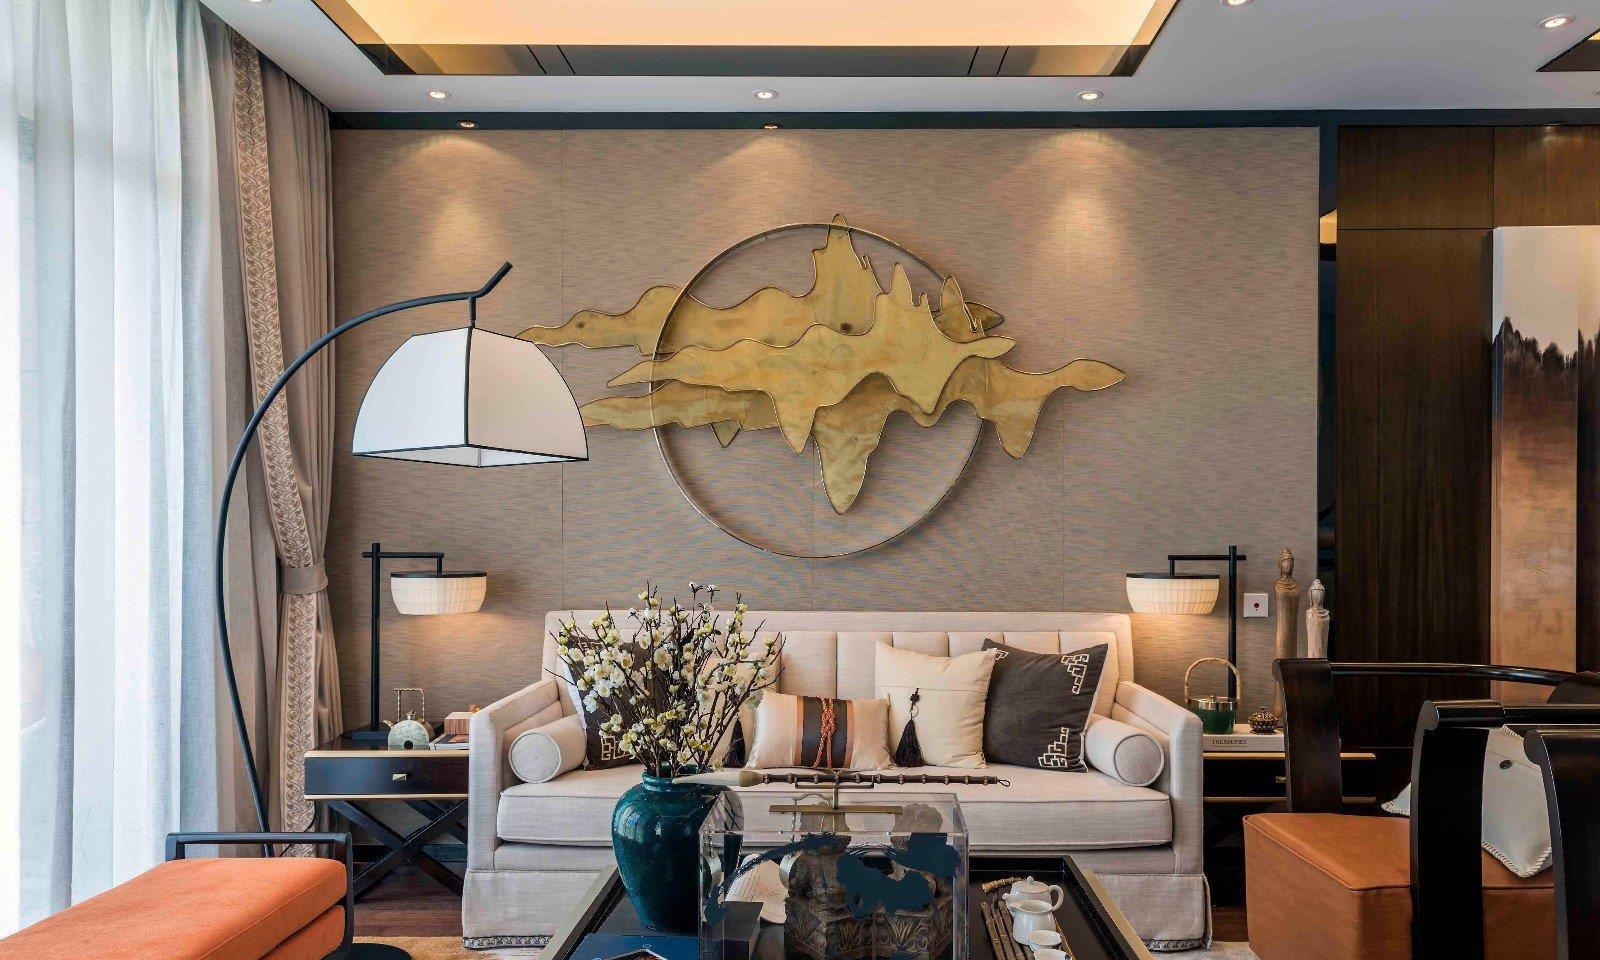 245平米新中式风格独栋别墅装修效果图 典雅住宅自带高端气质